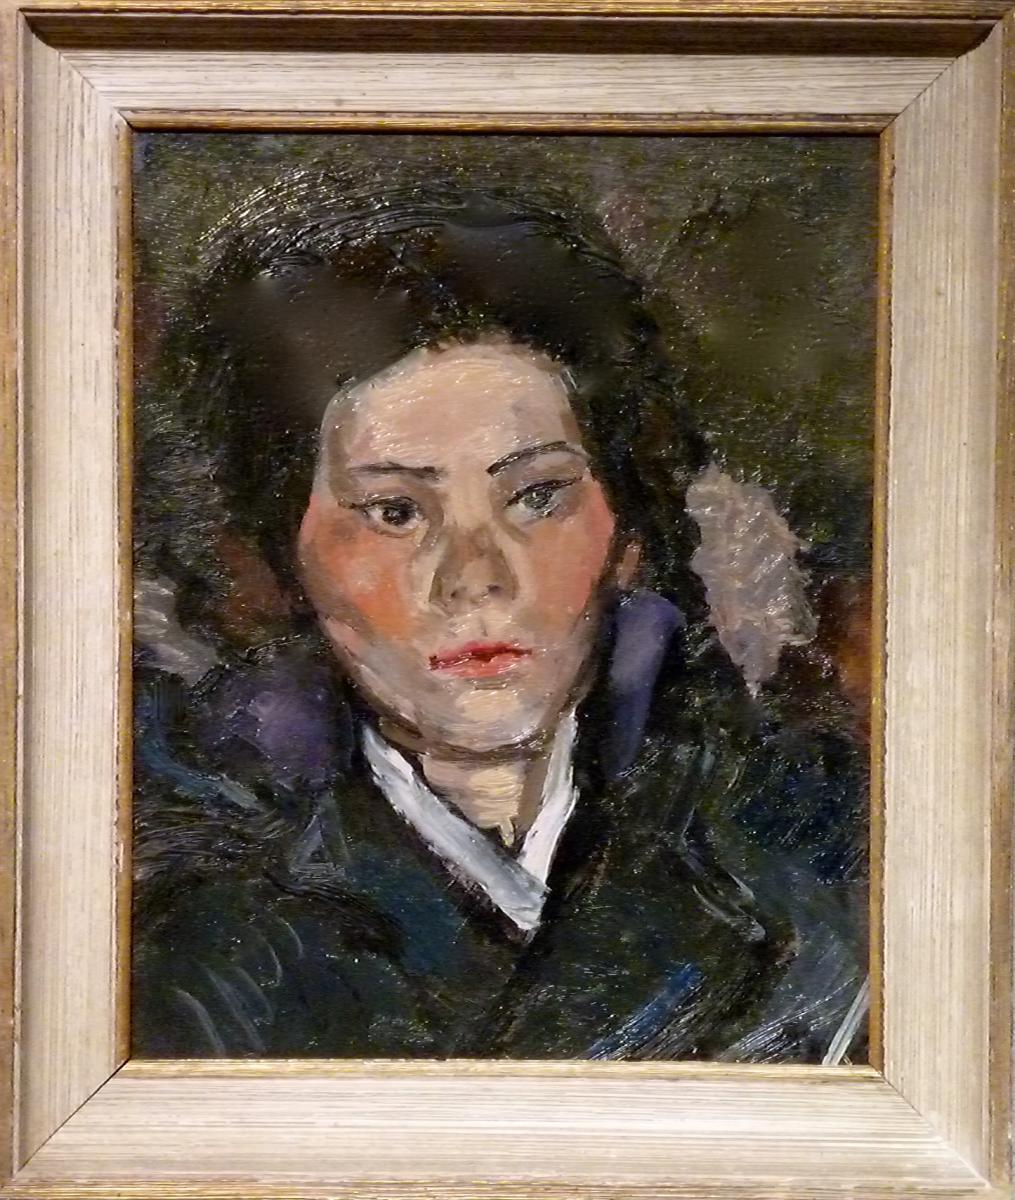 Woman Of Annees 70 By Paul Hubay (1930-1984)